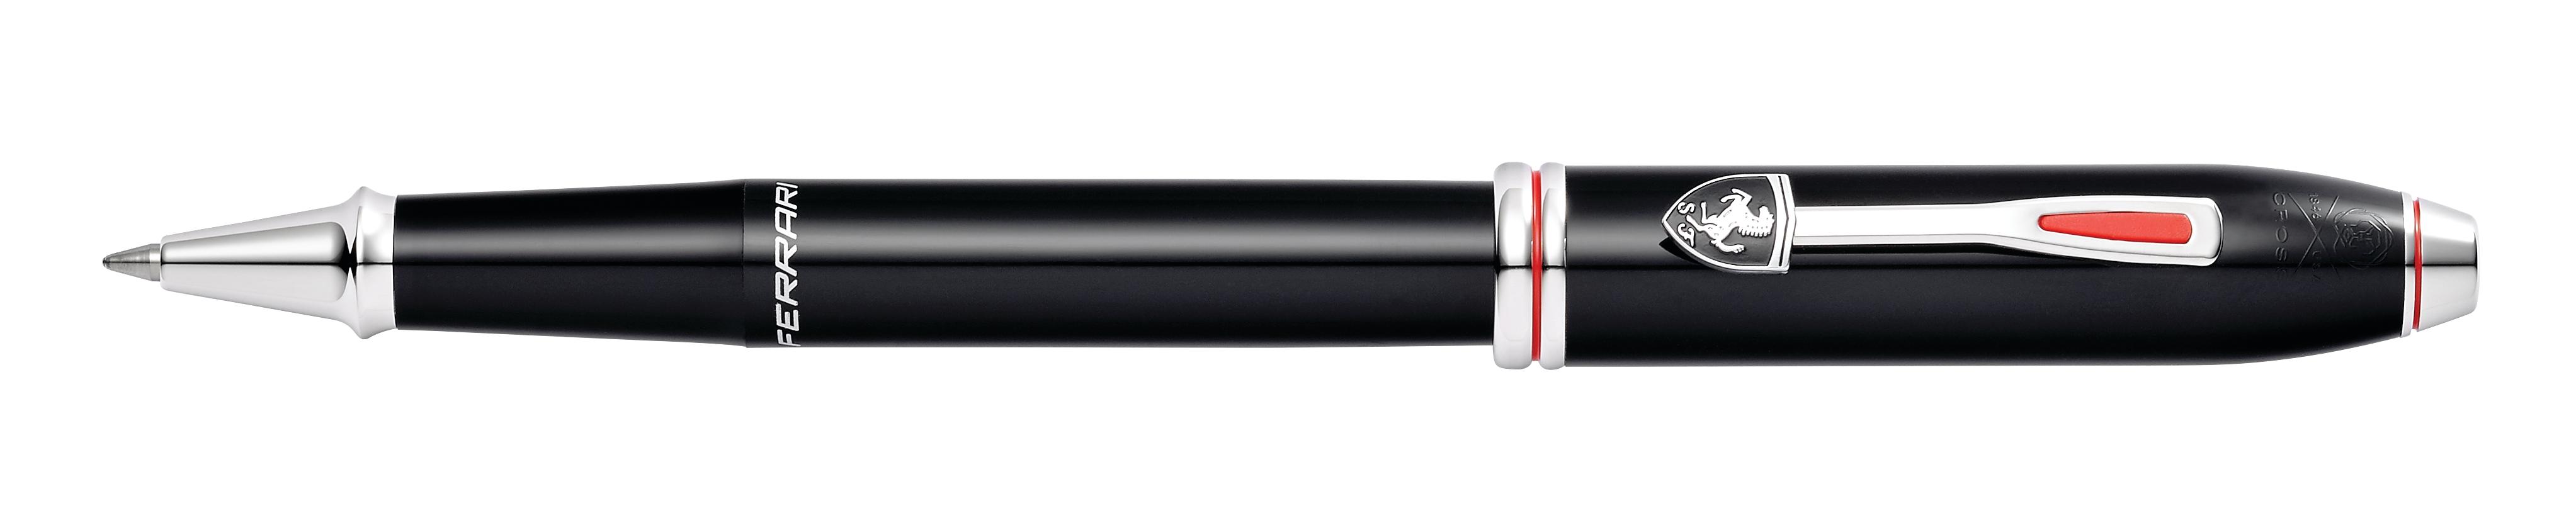 Cross Townsend Collection for Scuderia Ferrari Glossy Black Lacquer Rollerball Pen